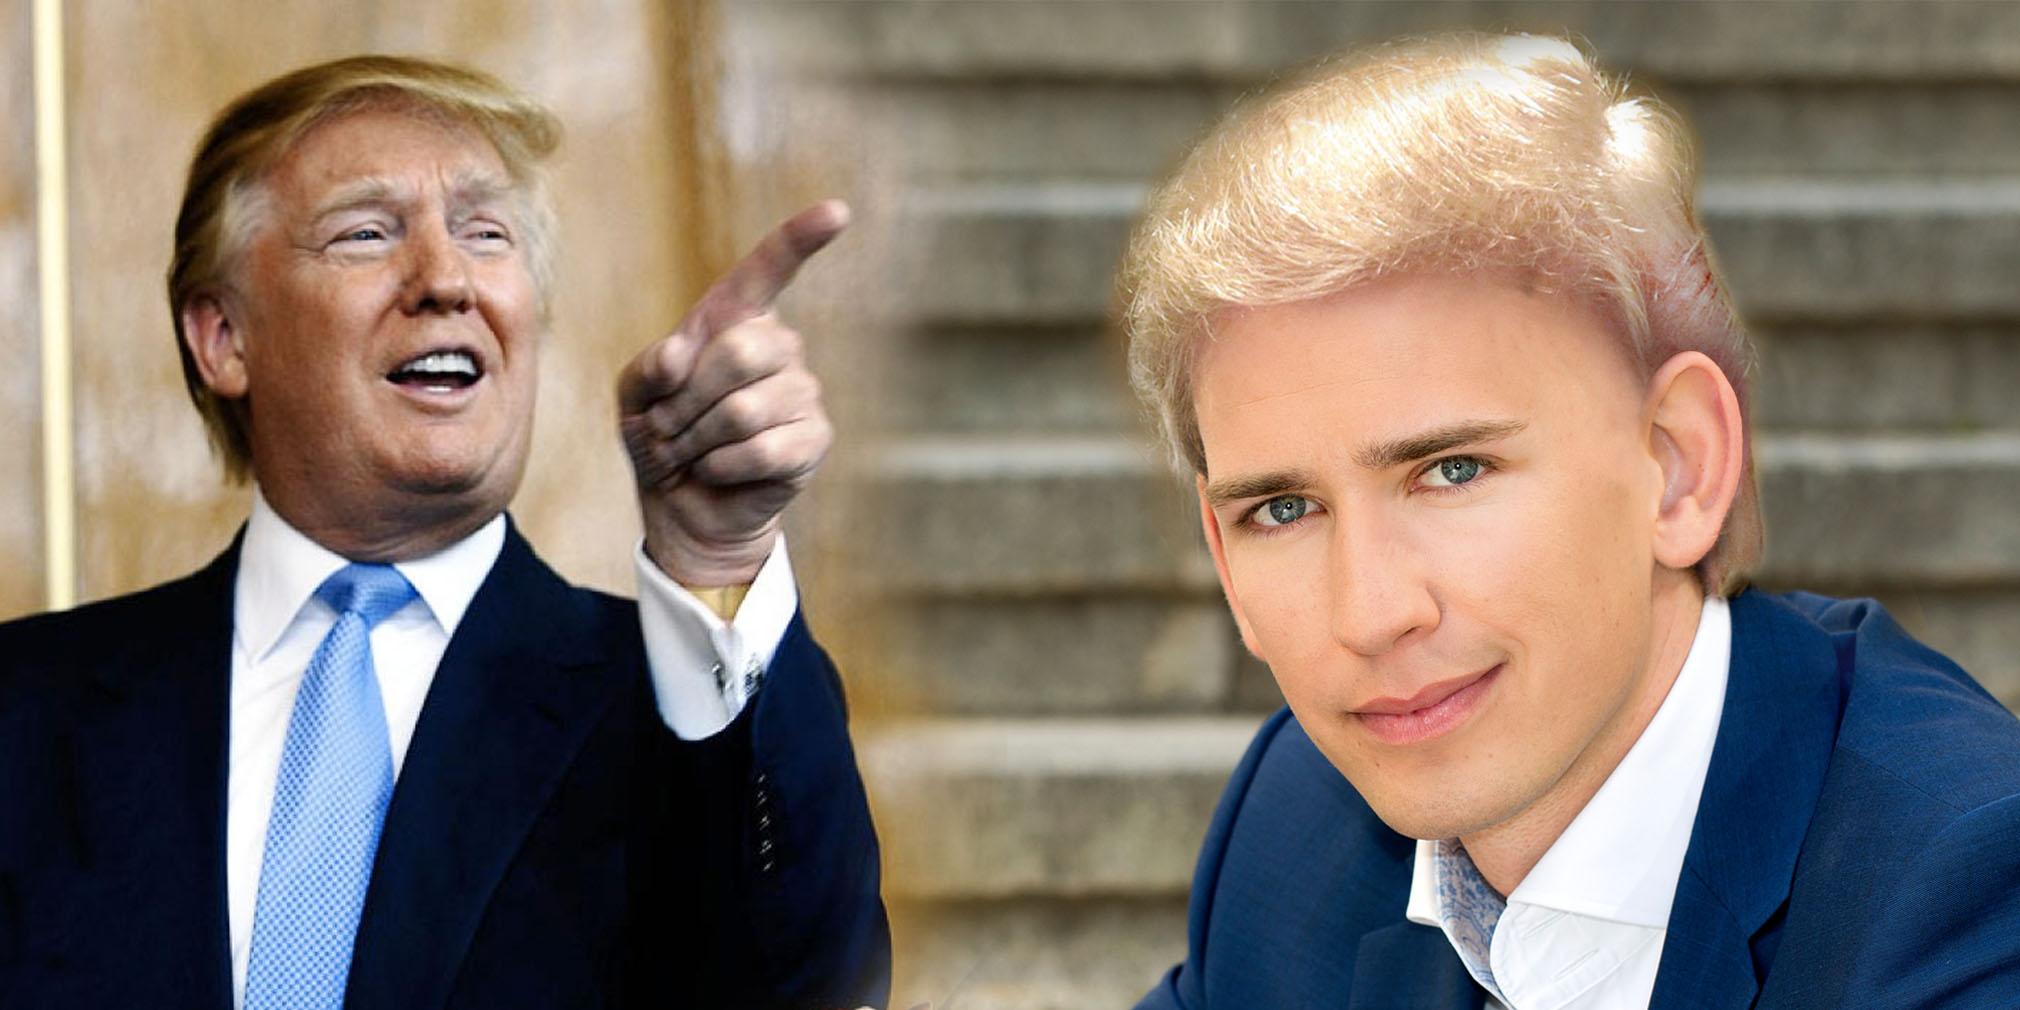 Nur Zufall Sebastian Kurz Lasst Sich Donald Trump Frisur Schneiden